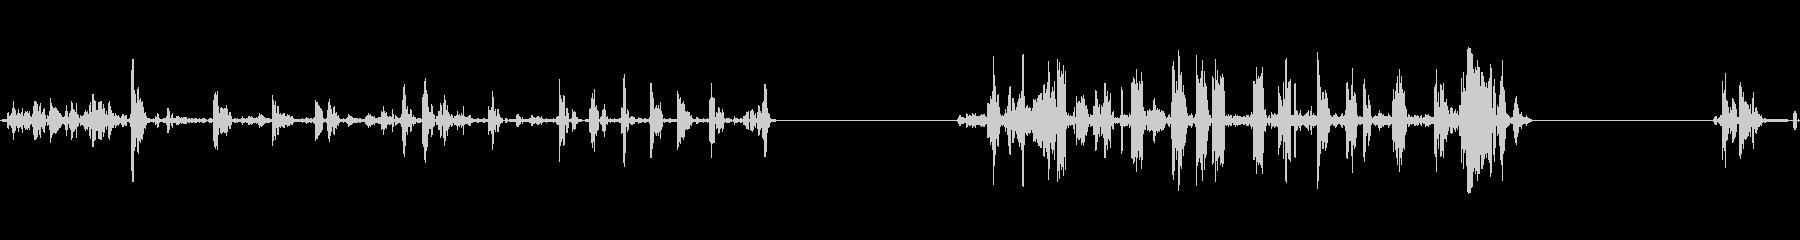 サイバージャバー、SCI FI、3...の未再生の波形